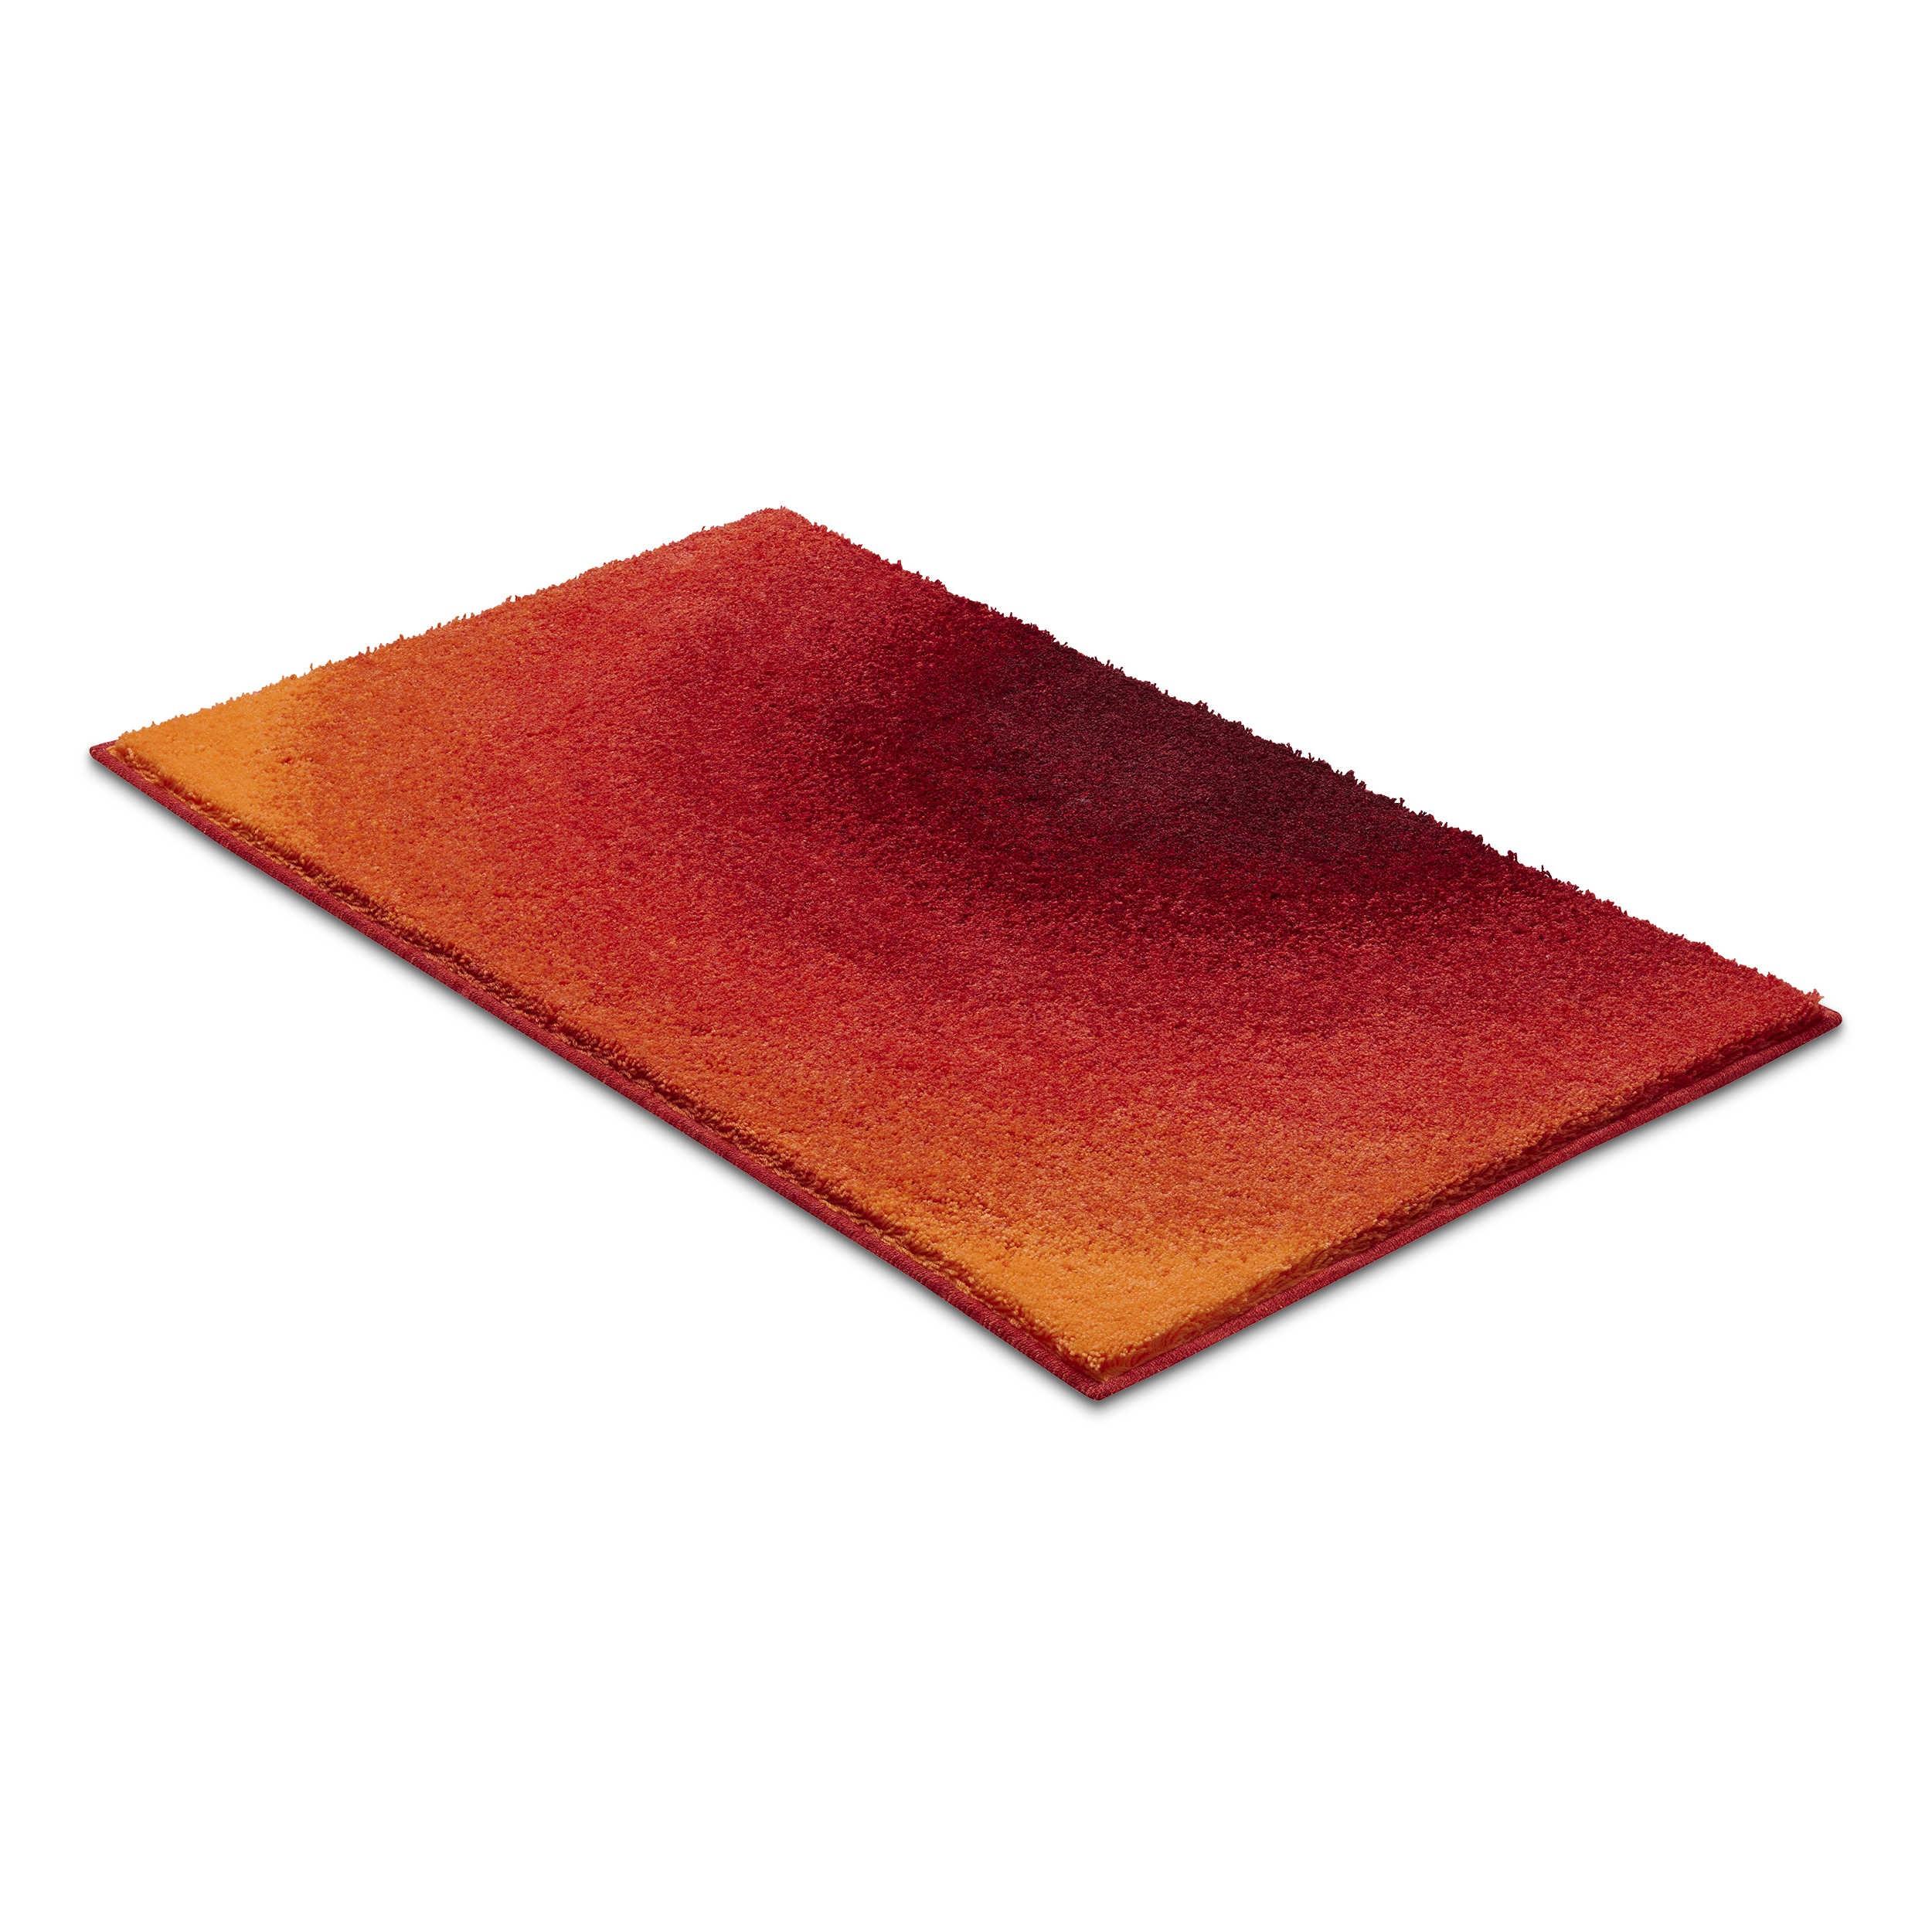 grund badteppich sunshine 60 x 100 cm rot polyacryl 60 x 100 cm online kaufen bei woonio. Black Bedroom Furniture Sets. Home Design Ideas